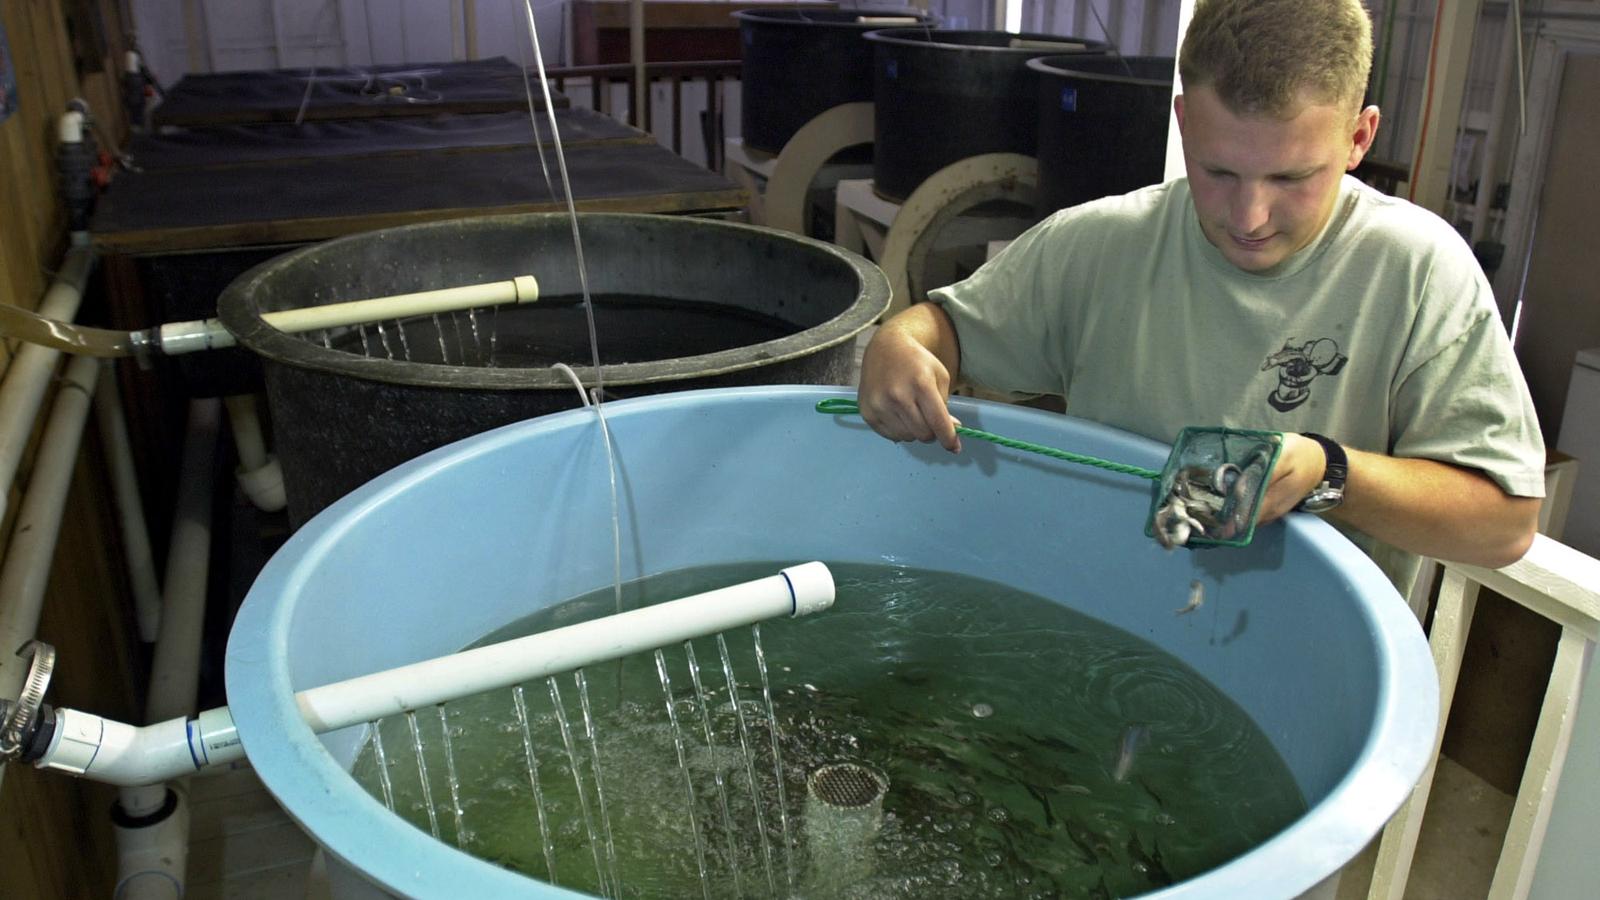 aquaculture u0026 aquaponics supplies for backyard fish farming